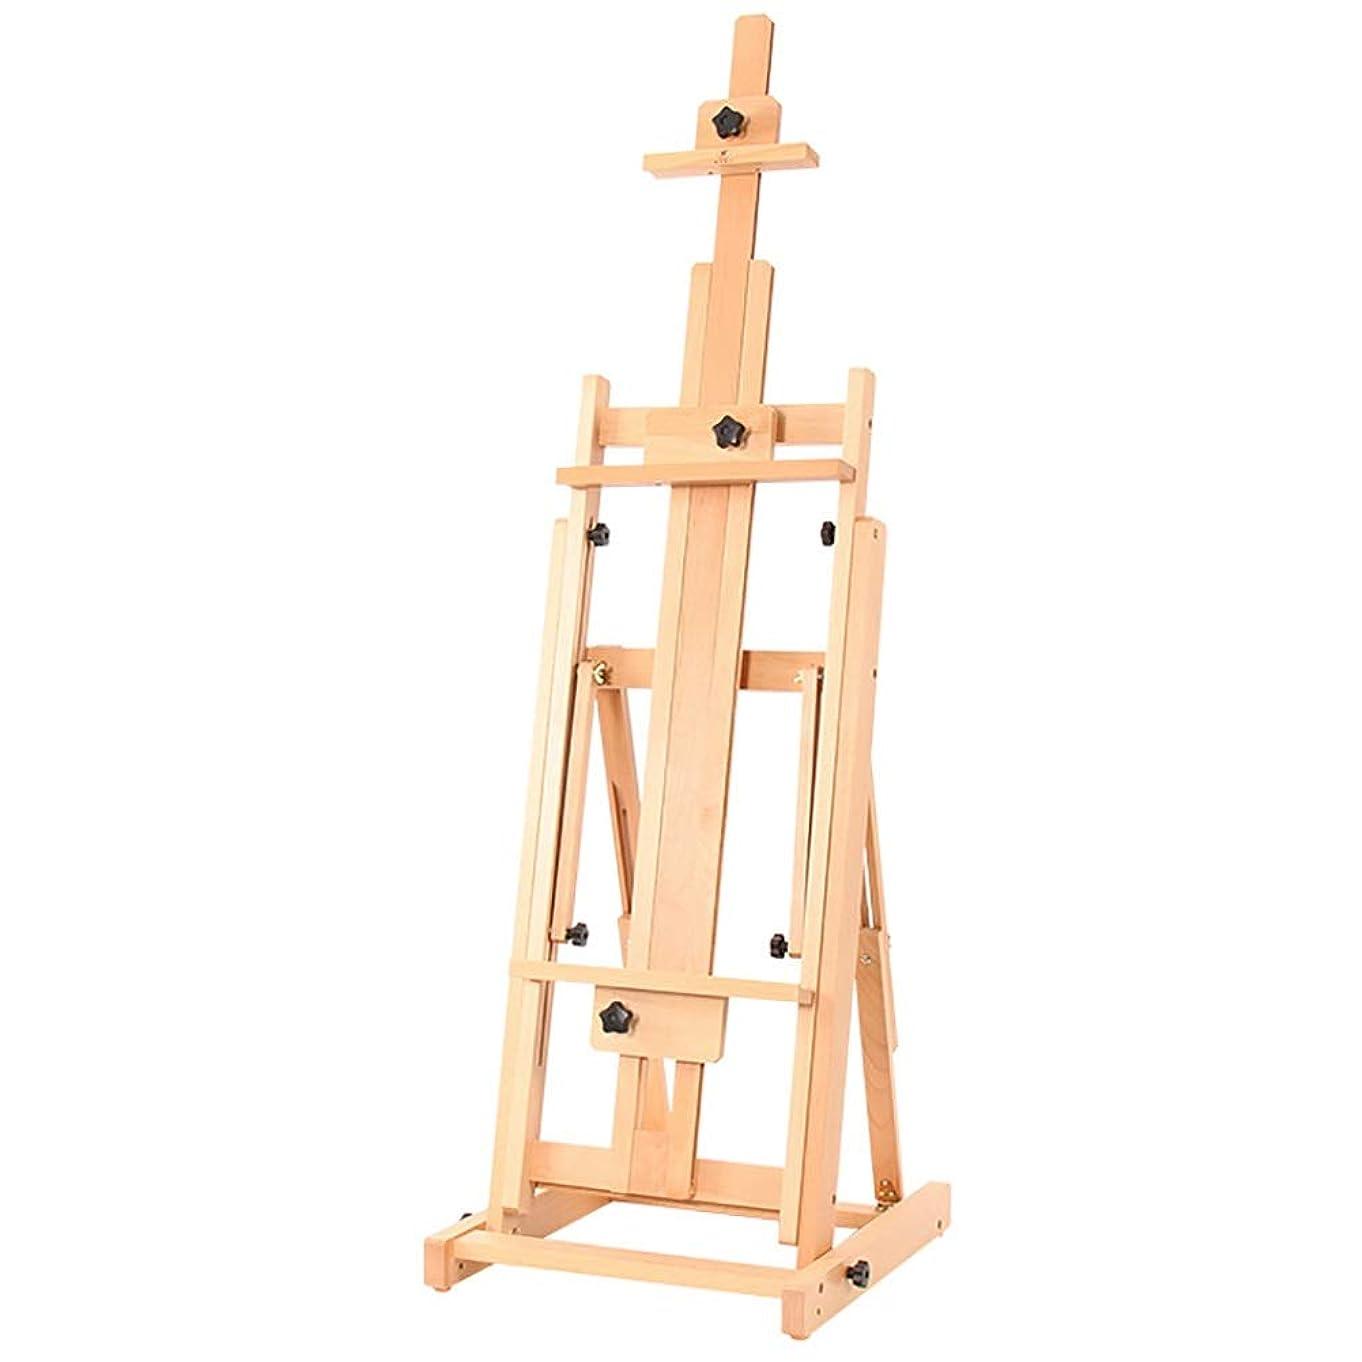 公平ボウリングコンサルタントイーゼル 大きいEasels三脚のスタジオの専門の高さ調節可能な、デラックスな芸術のEaselの絵画分野のEasel